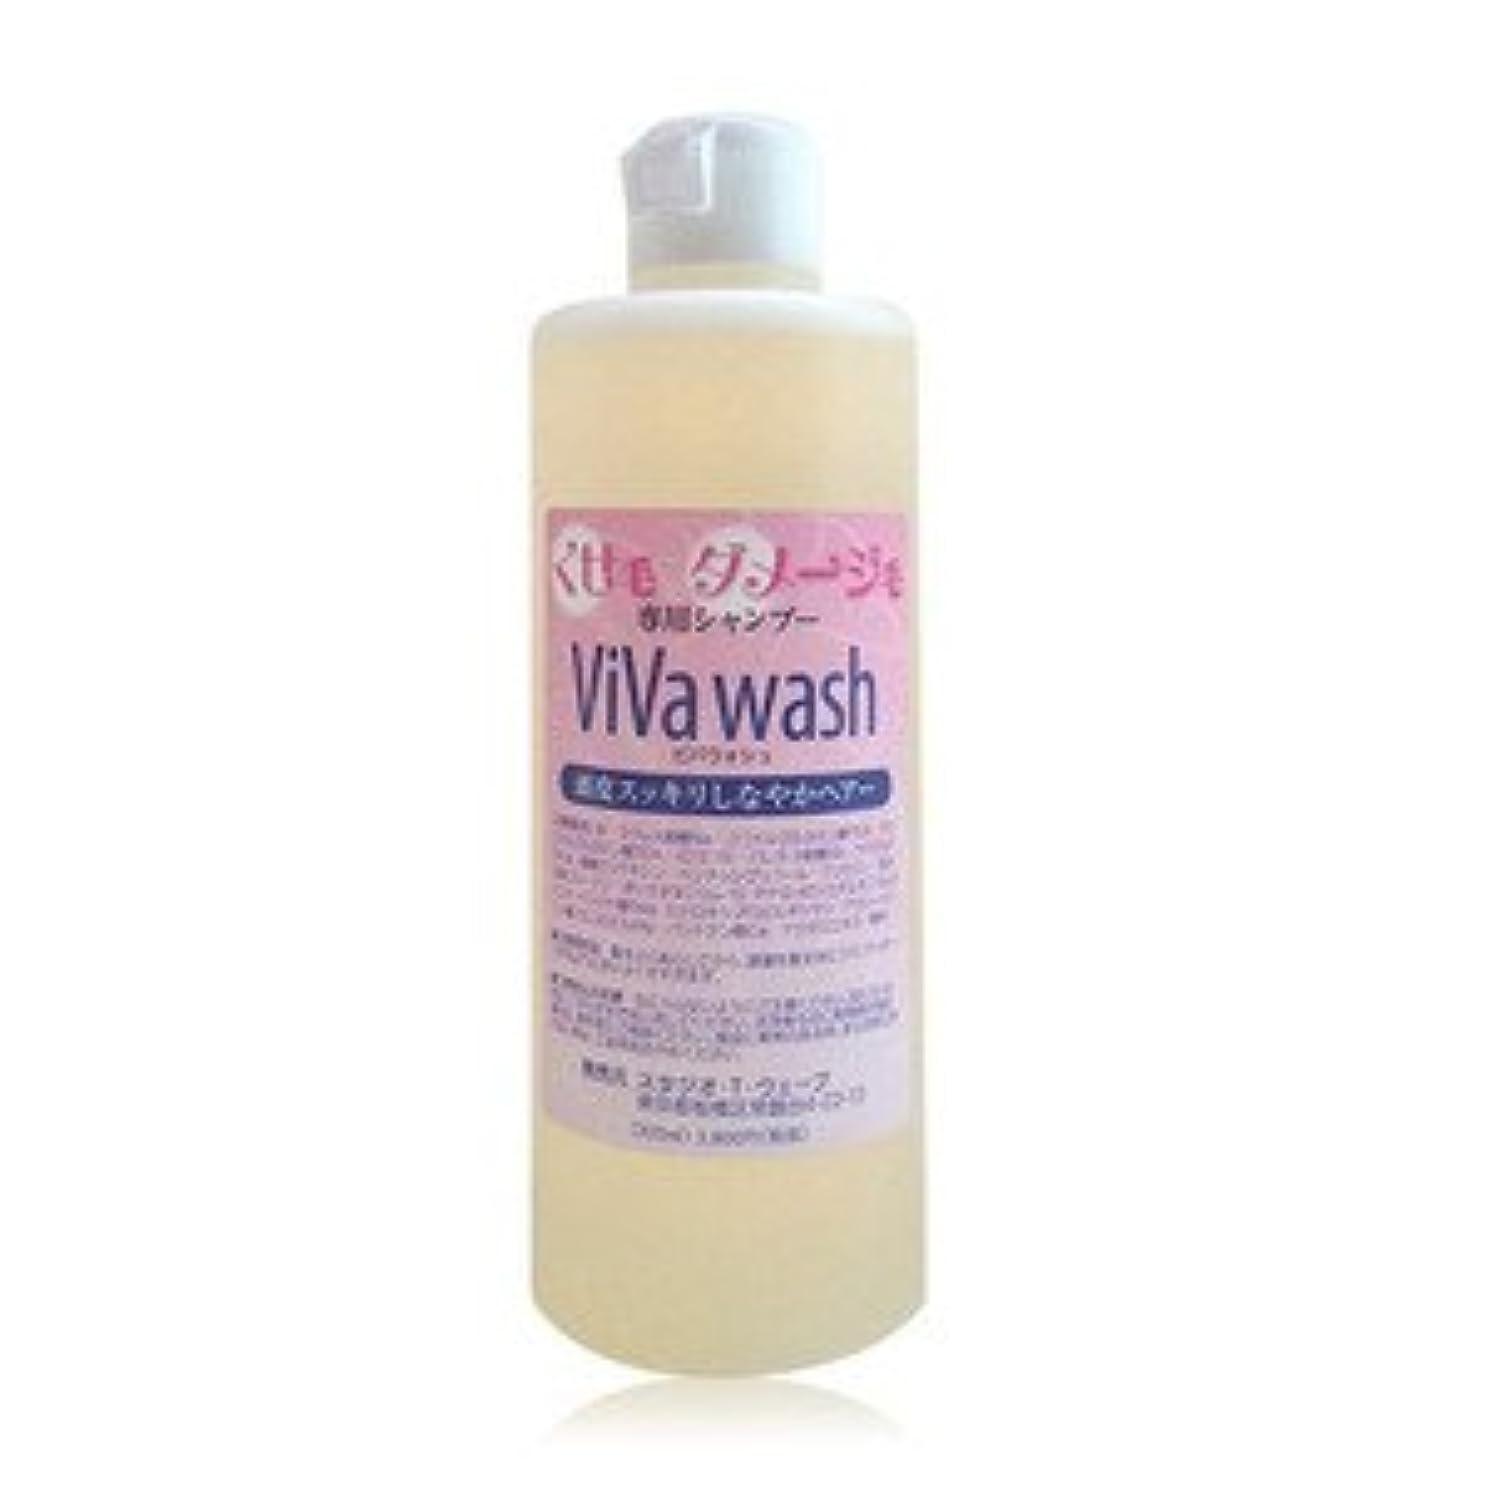 VIVA WASH